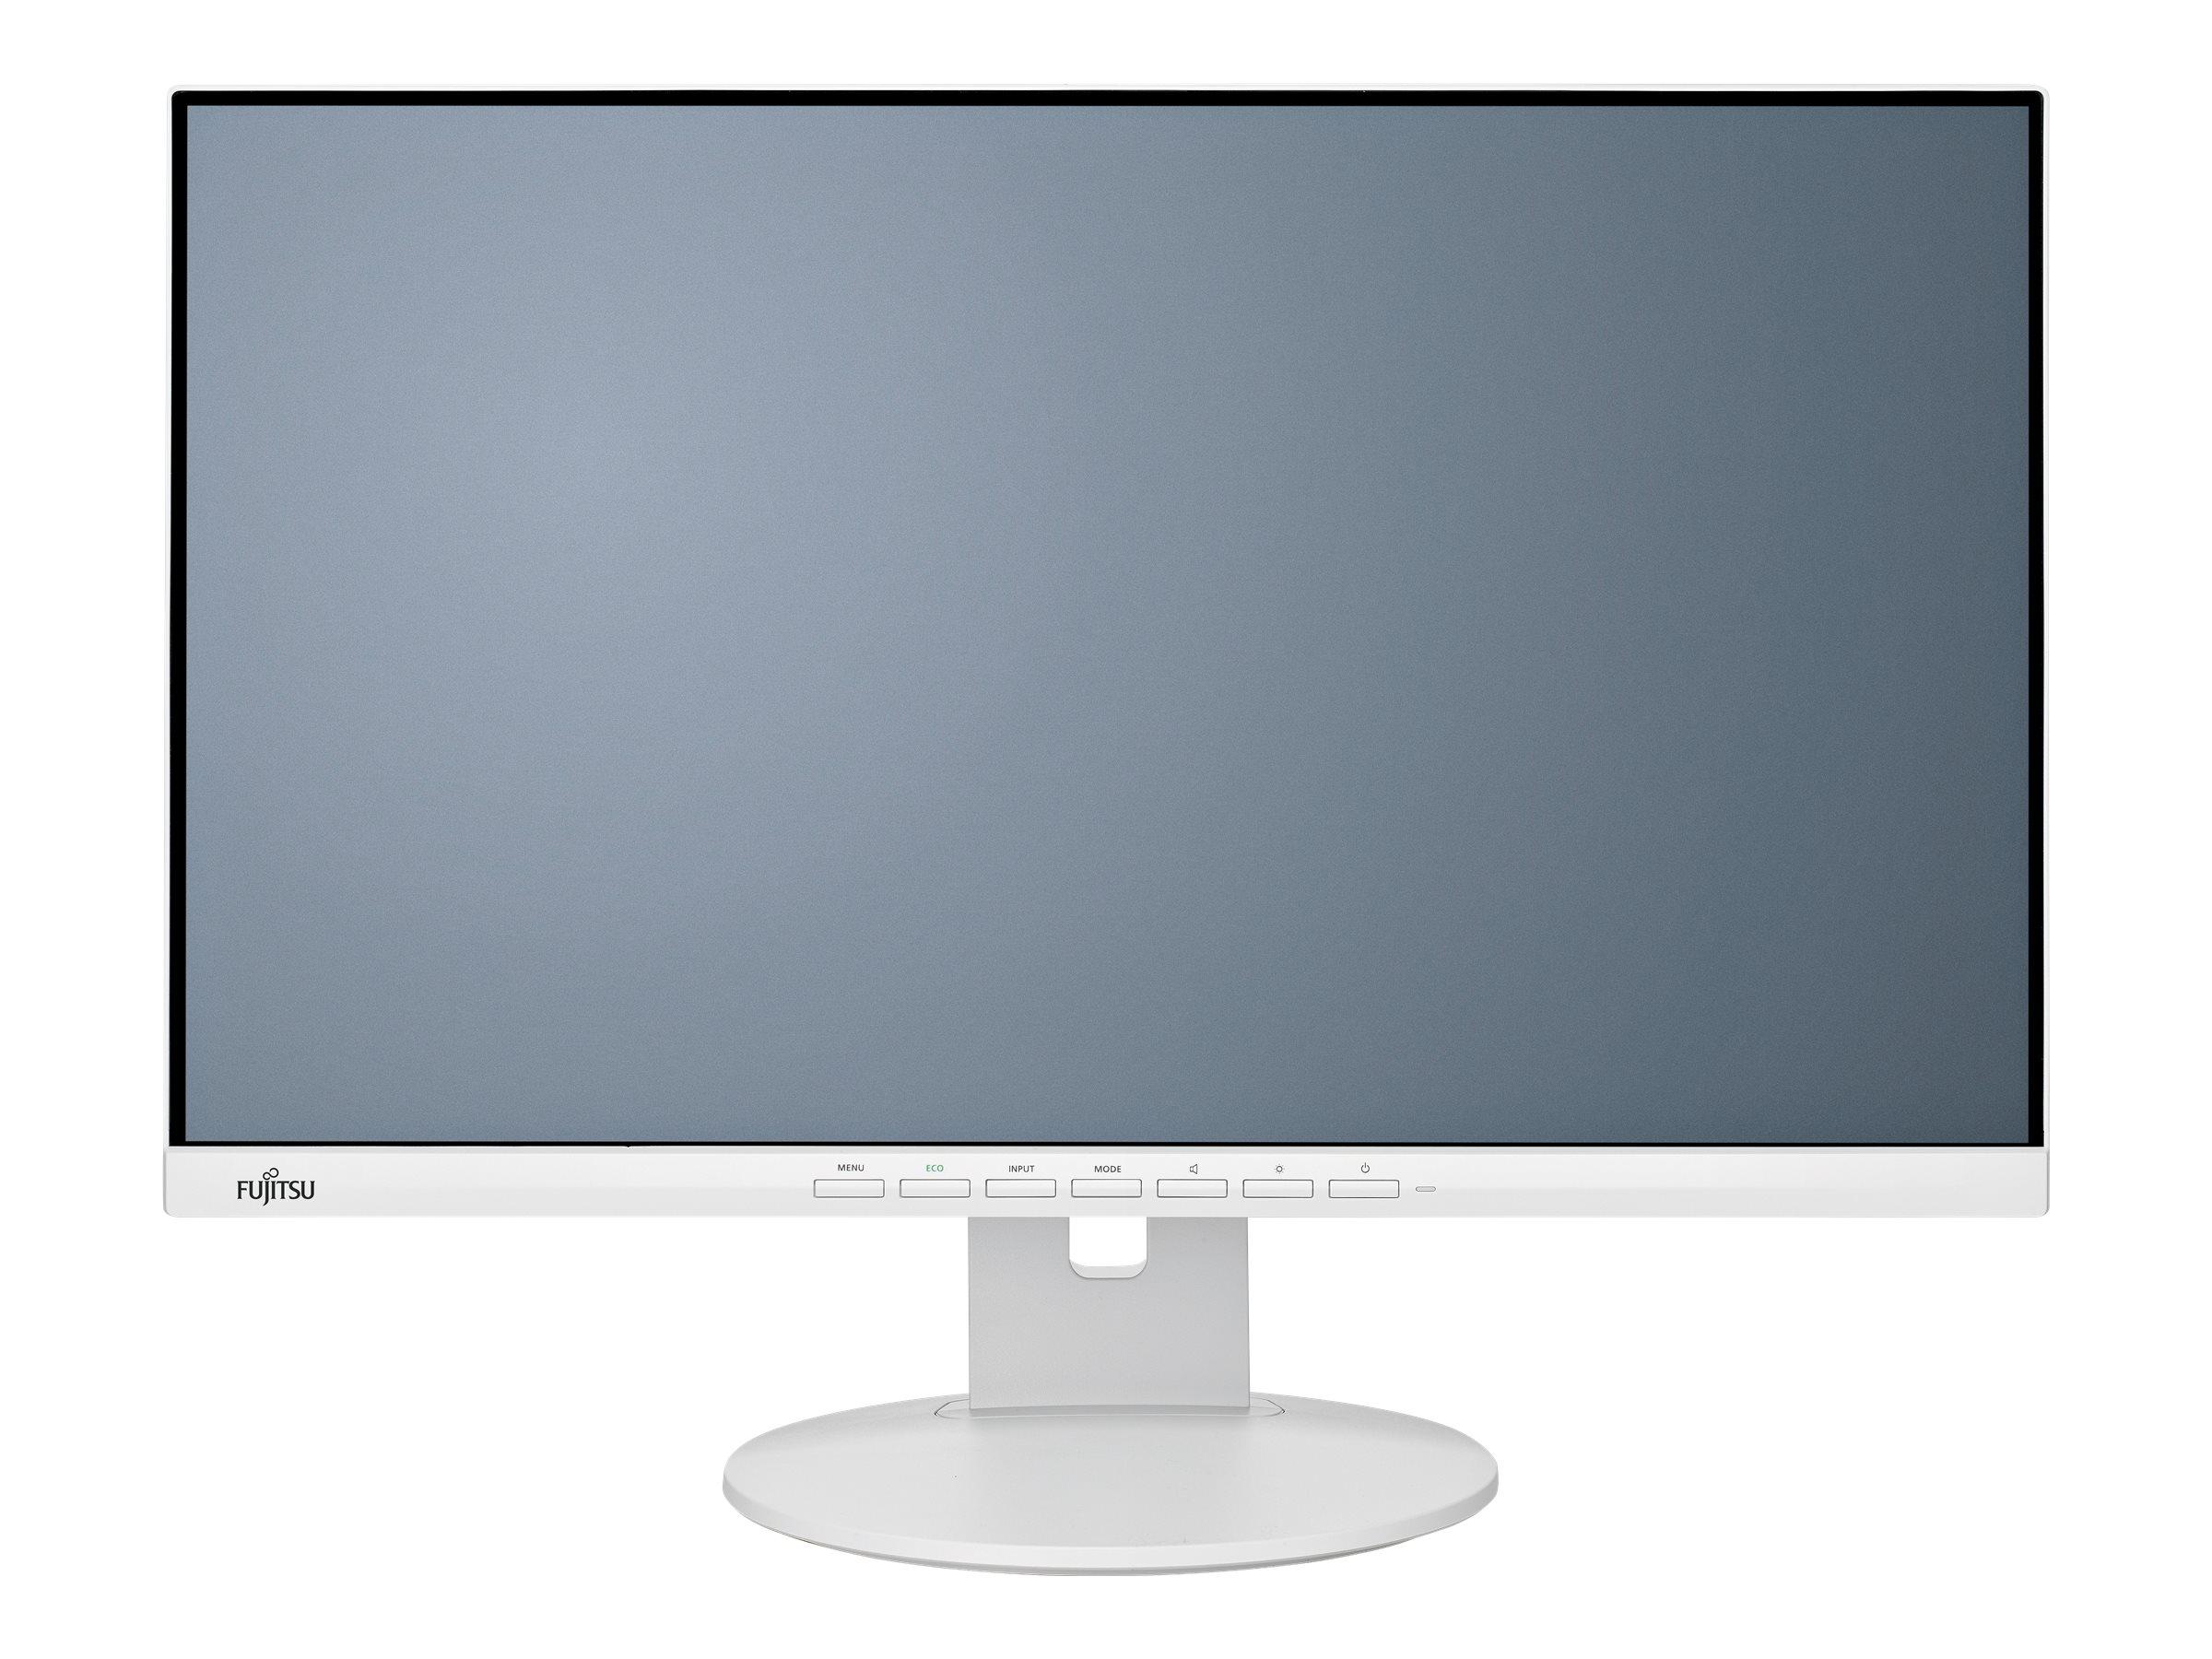 Fujitsu B24-9 TE - Business Line - LED-Monitor - 60.5 cm (23.8